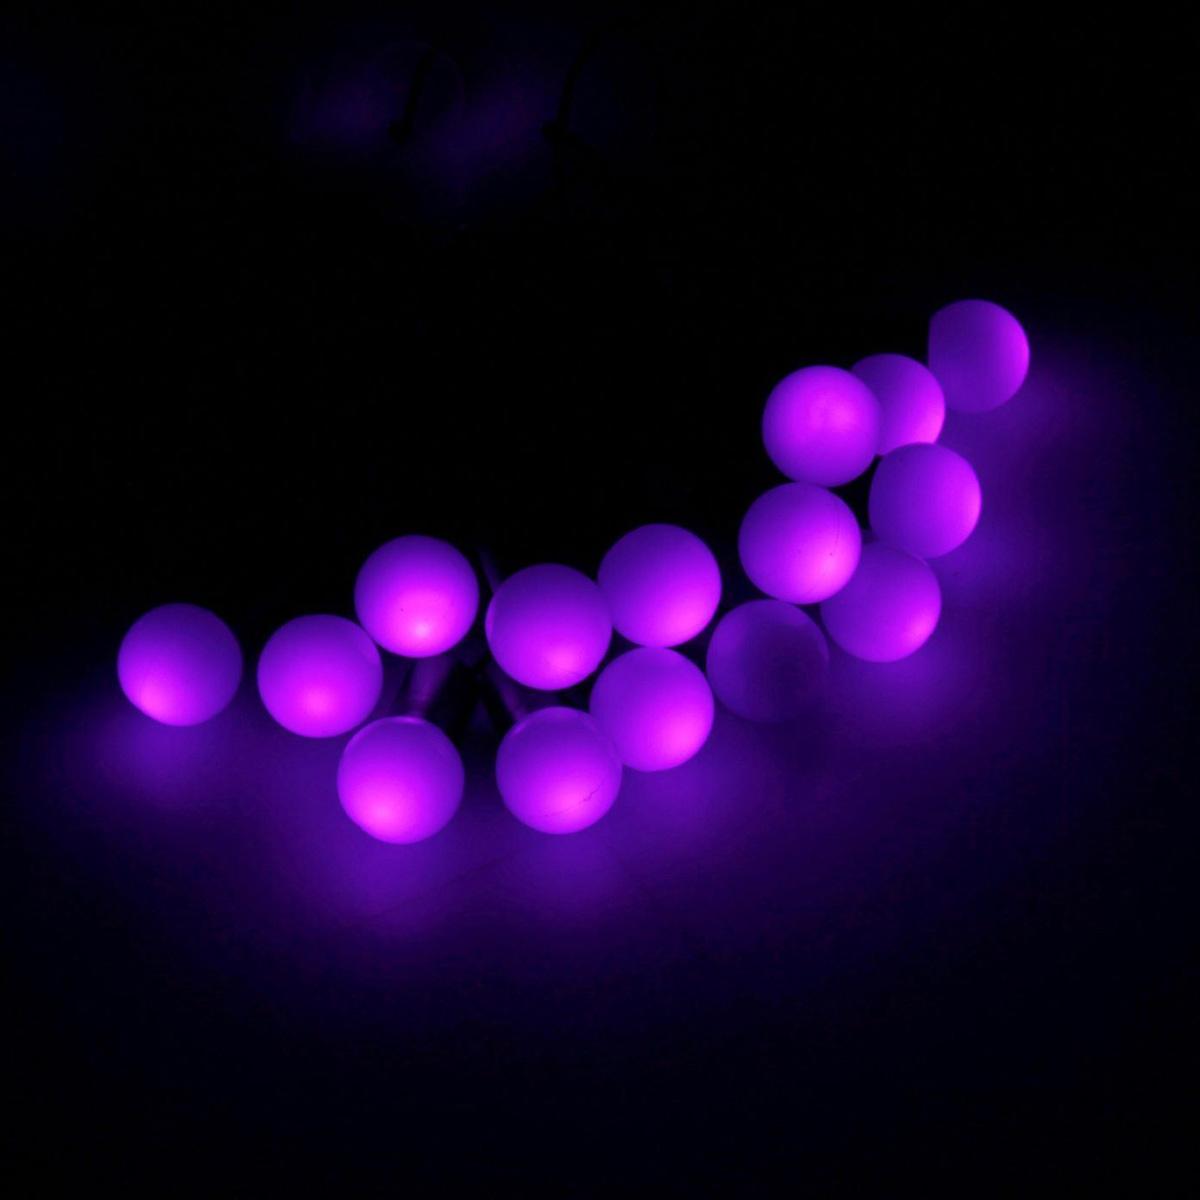 Гирлянда светодиодная Luazon Метраж. Шарики, уличная с насадкой, 8 режимов, 200 ламп, 20 м, цвет: фиолетовый. 185547185547Светодиодные гирлянды, ленты и т.д. — это отличный вариант для новогоднего оформления интерьера или фасада. С их помощью помещение любого размера можно превратить в праздничный зал, а внешние элементы зданий, украшенные ими, мгновенно станут напоминать очертания сказочного дворца. Такие украшения создают ауру предвкушения чуда. Деревья, фасады, витрины, окна и арки будто специально созданы, чтобы вы украсили их светящимися нитями.